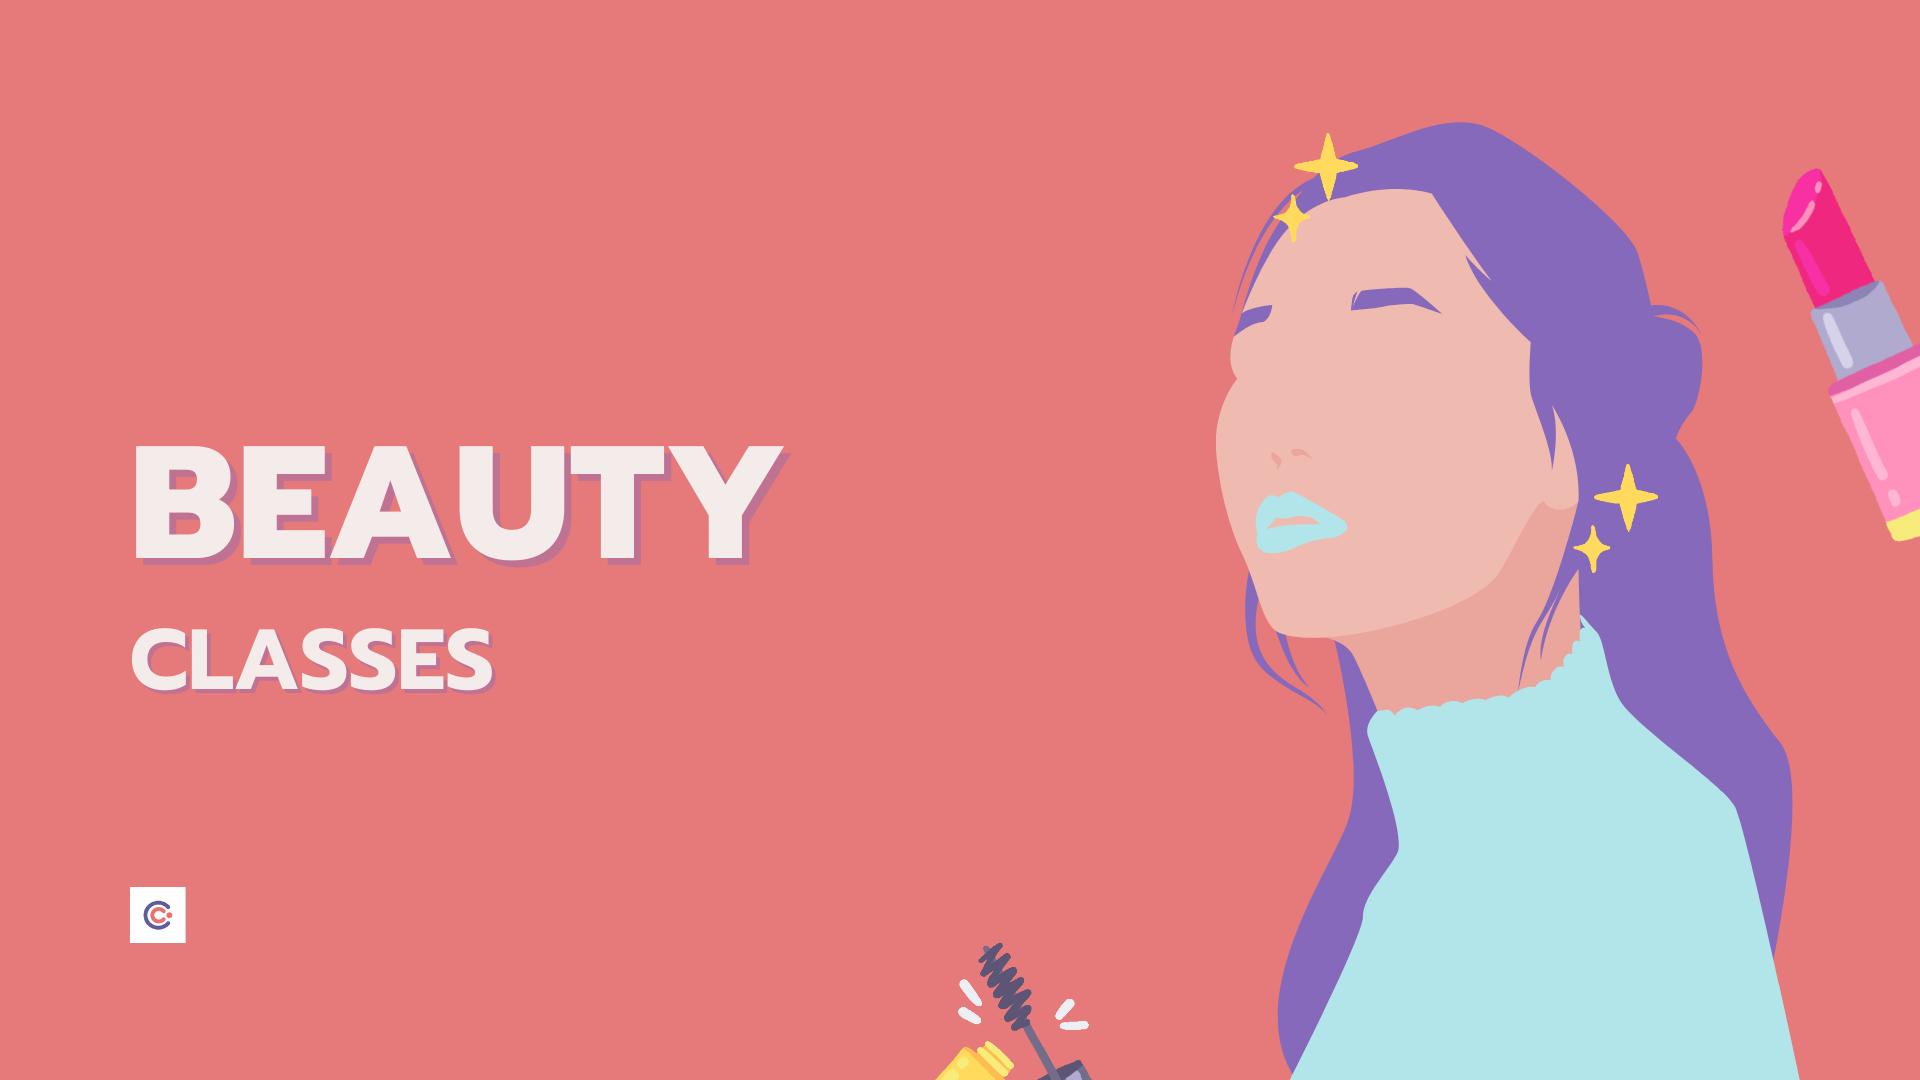 5 Best Beauty Classes - Learn about Beauty Online